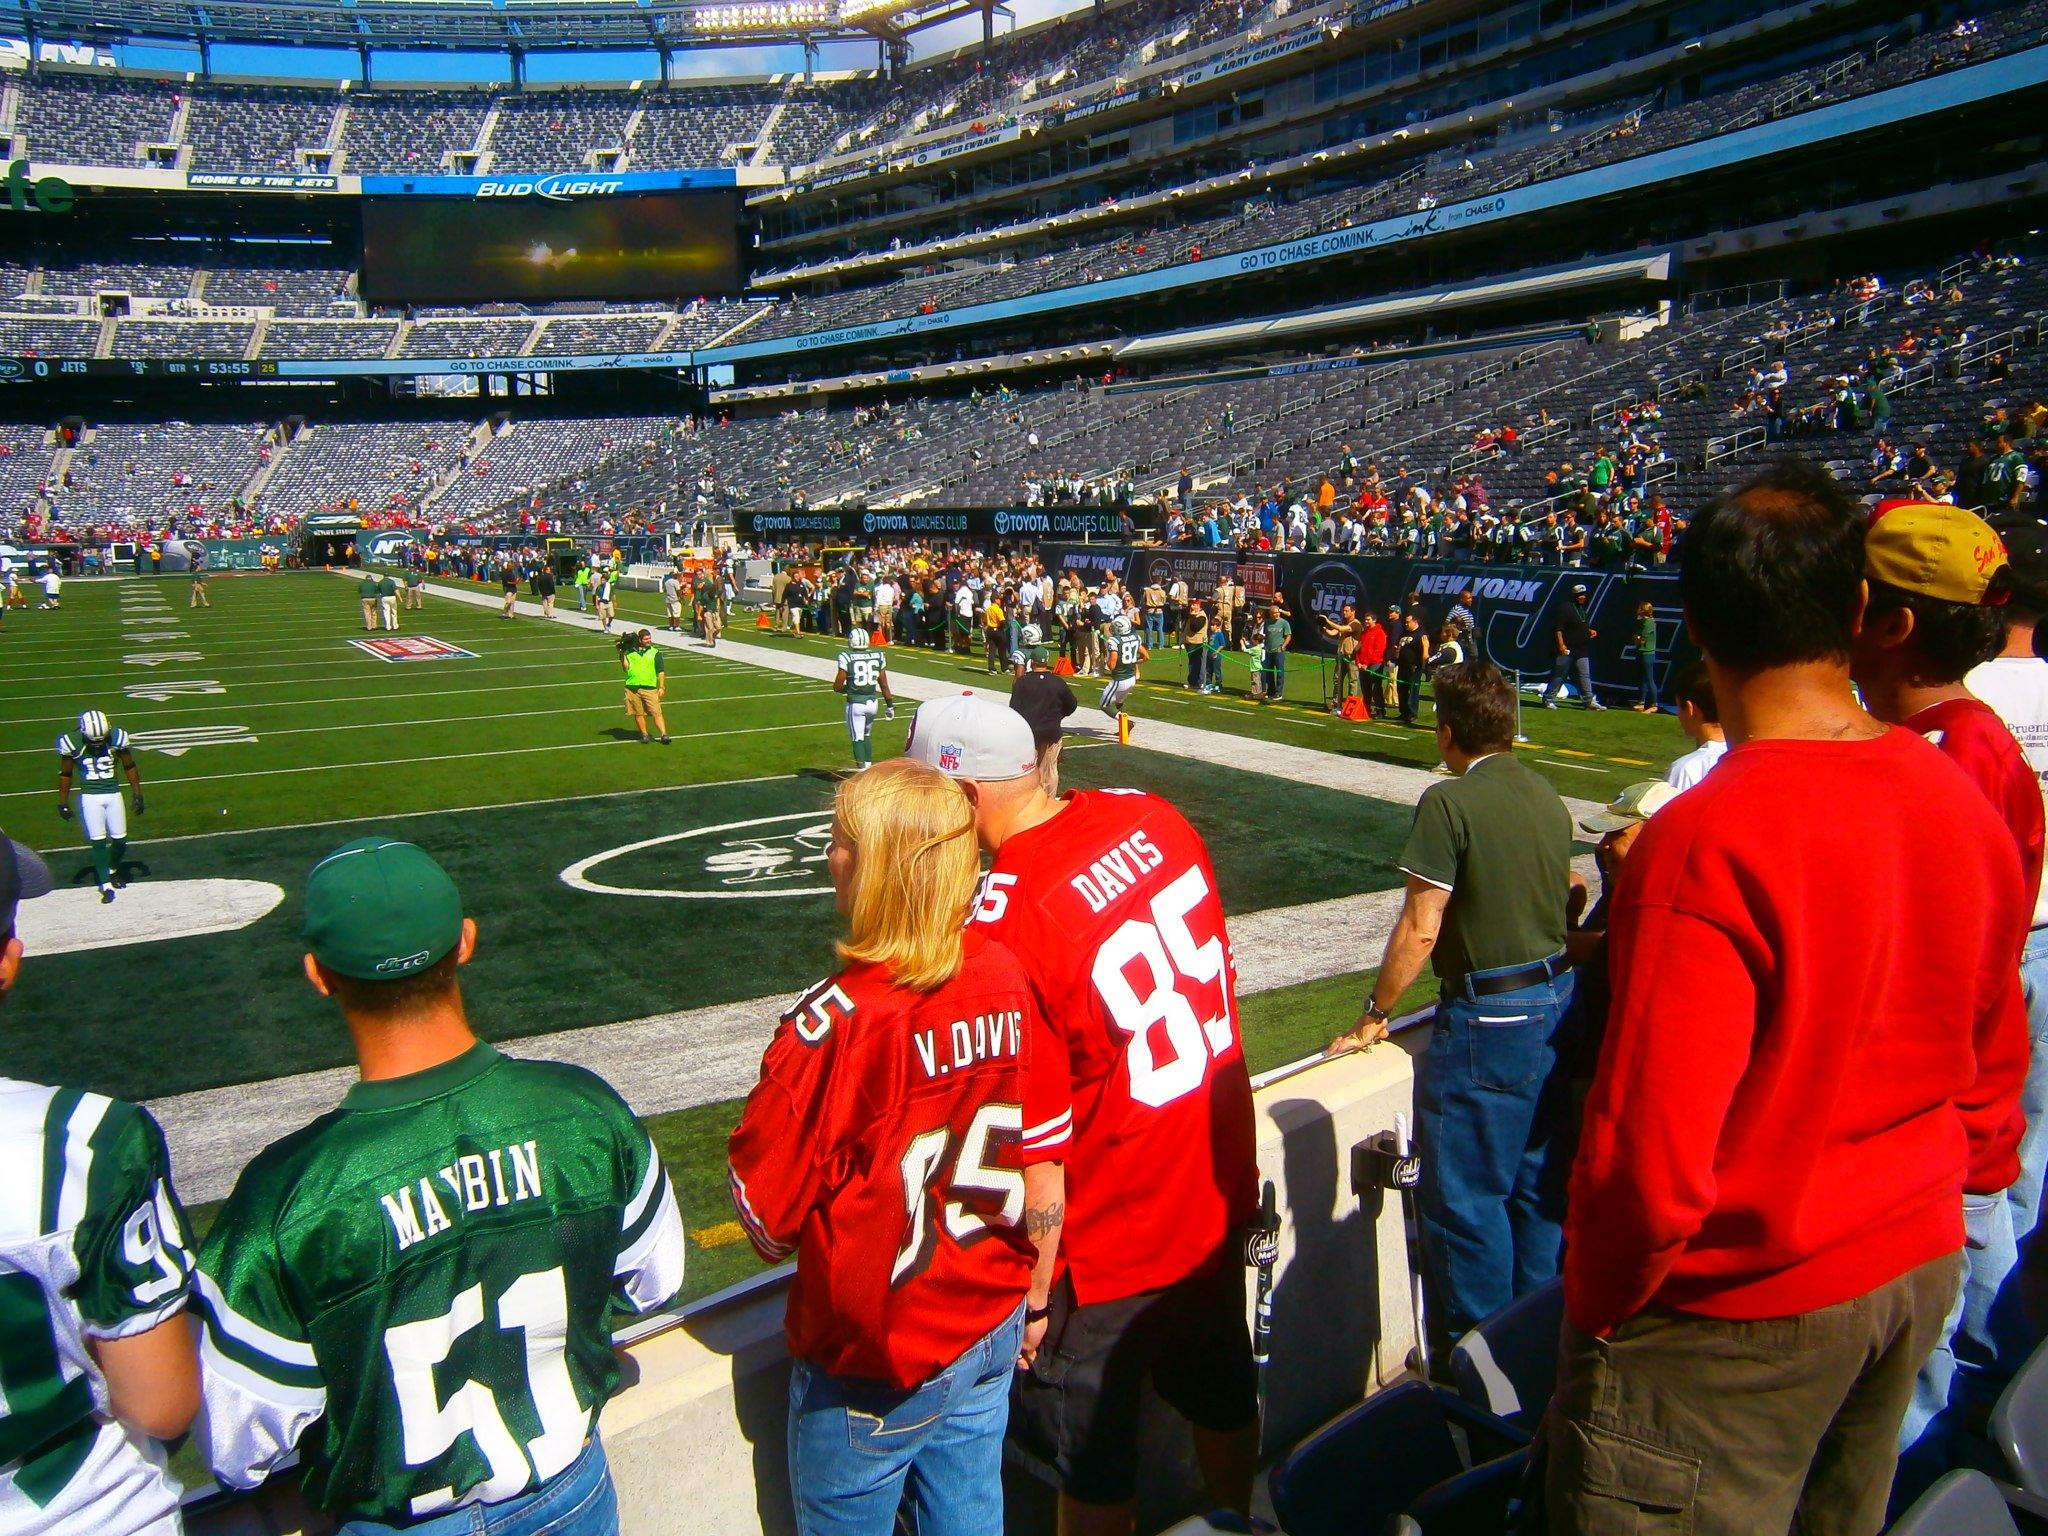 Jets-49ers-Fans-MetLife-Stadium